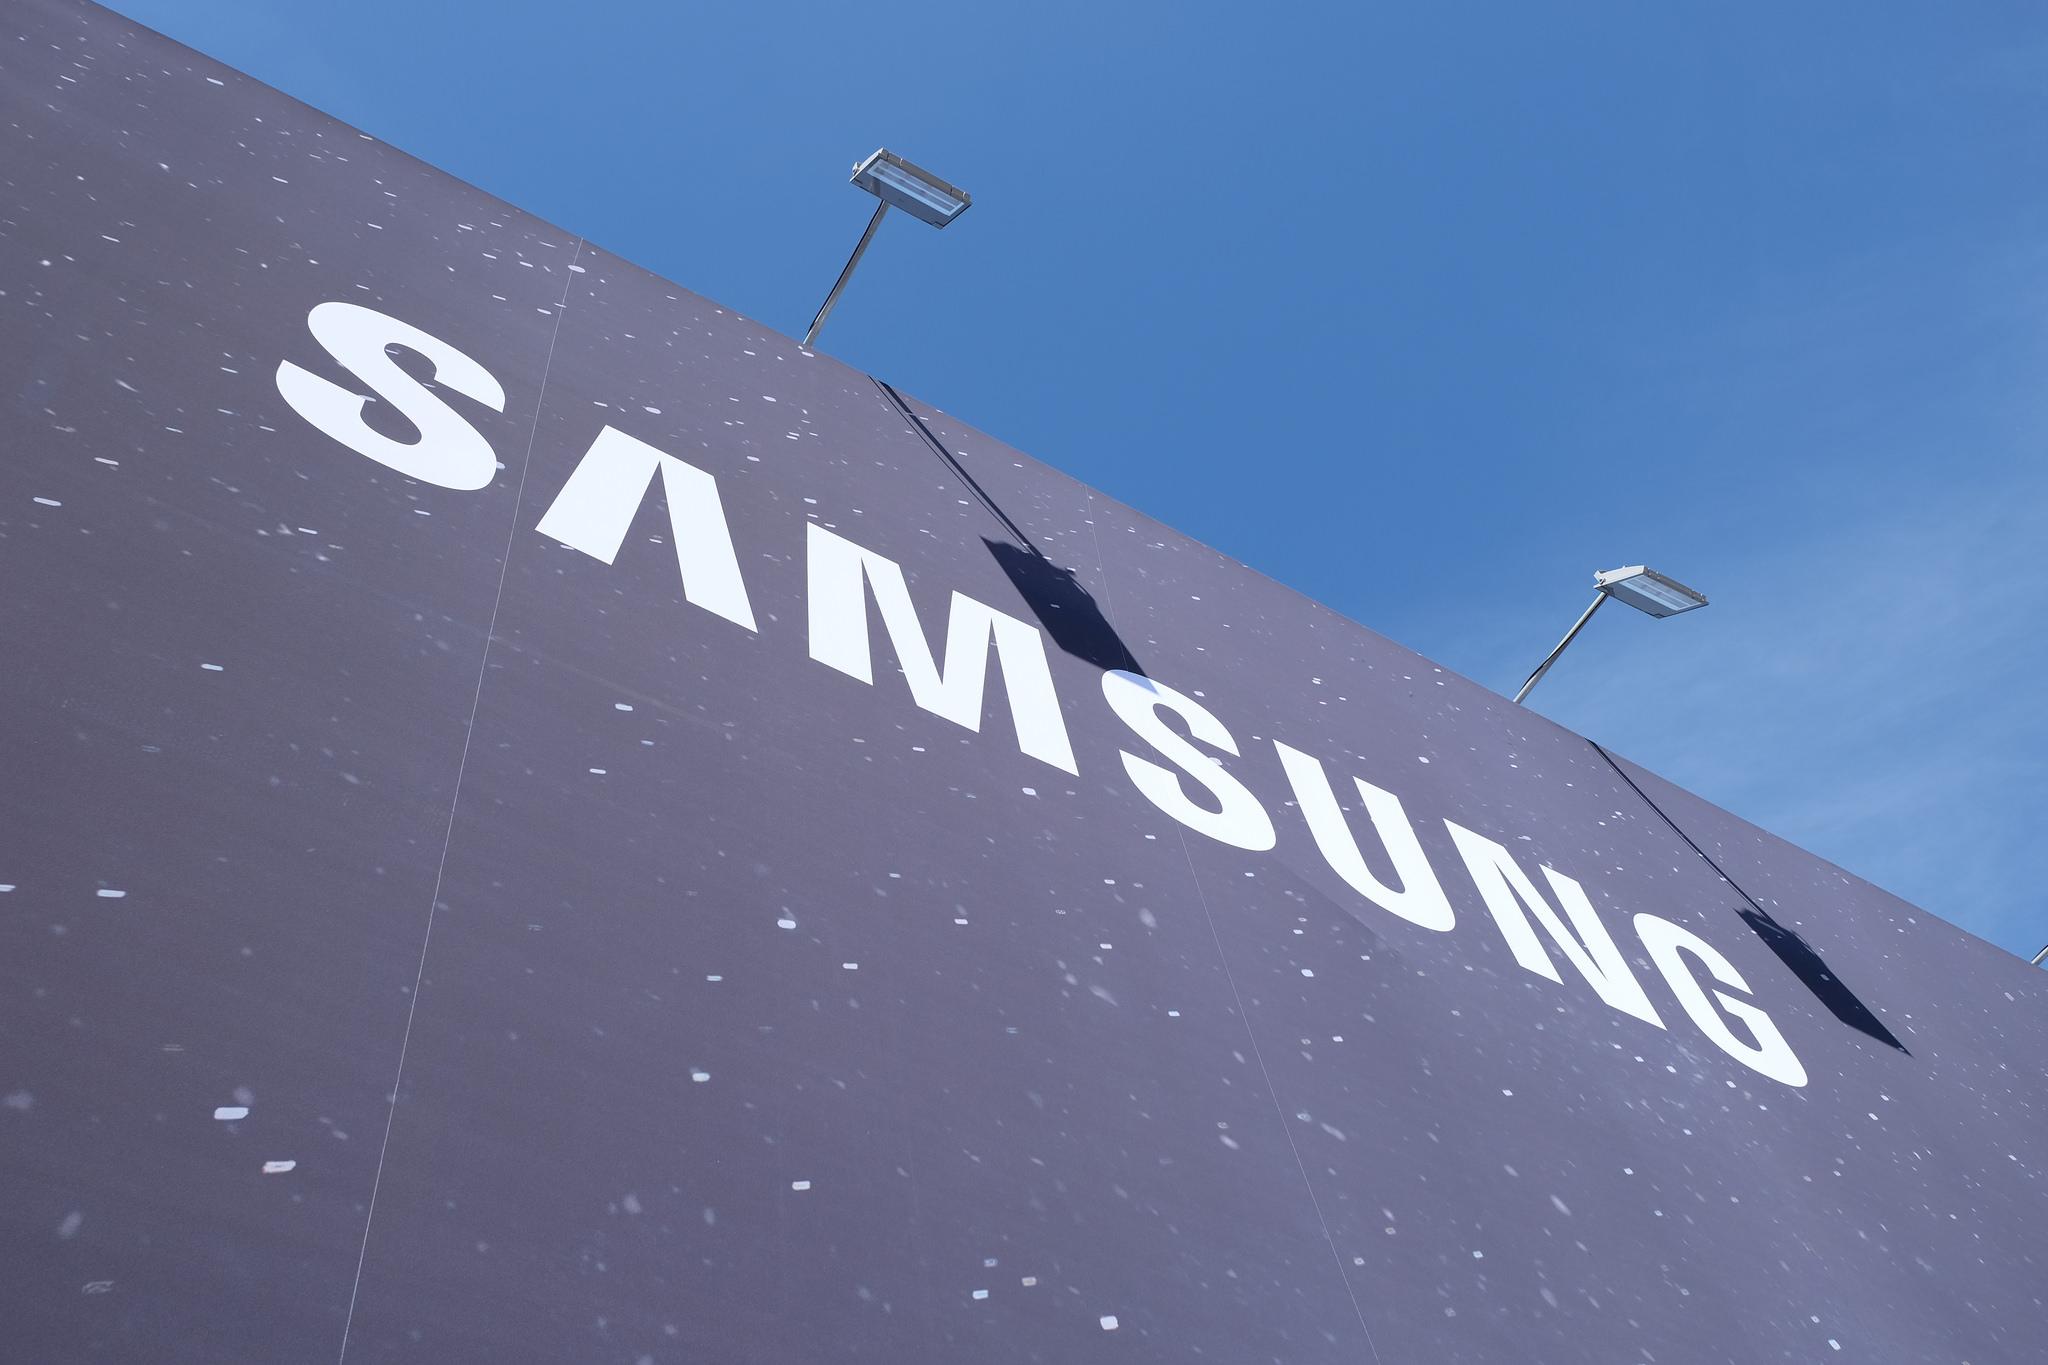 Le Galaxy Note 8 teasé par Samsung sur Twitter ?